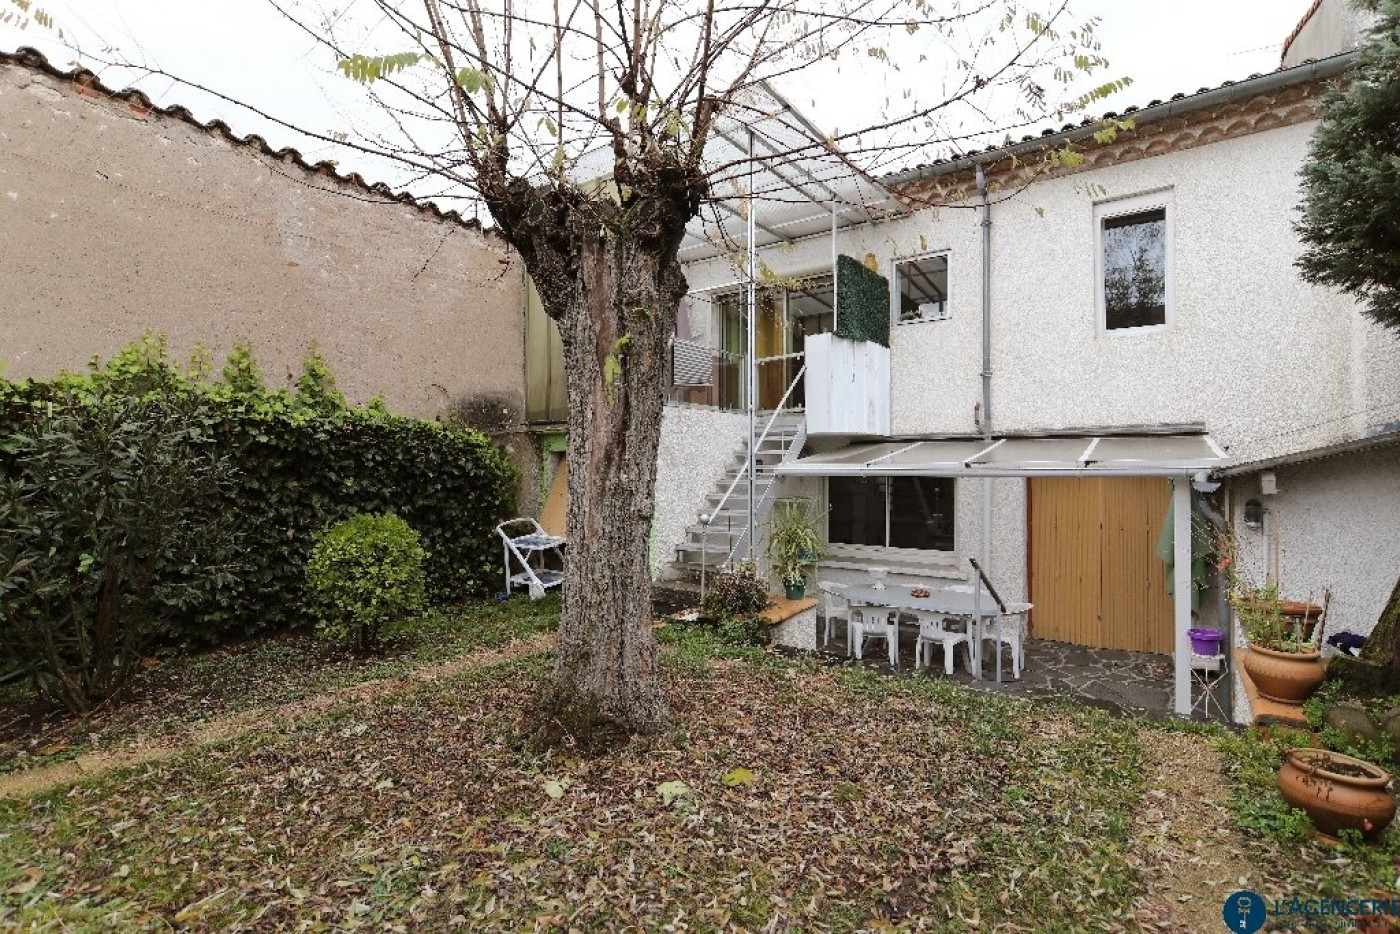 Maison de ville en vente albi rf 8102266 l 39 agencerie for Constructeur de maison albi